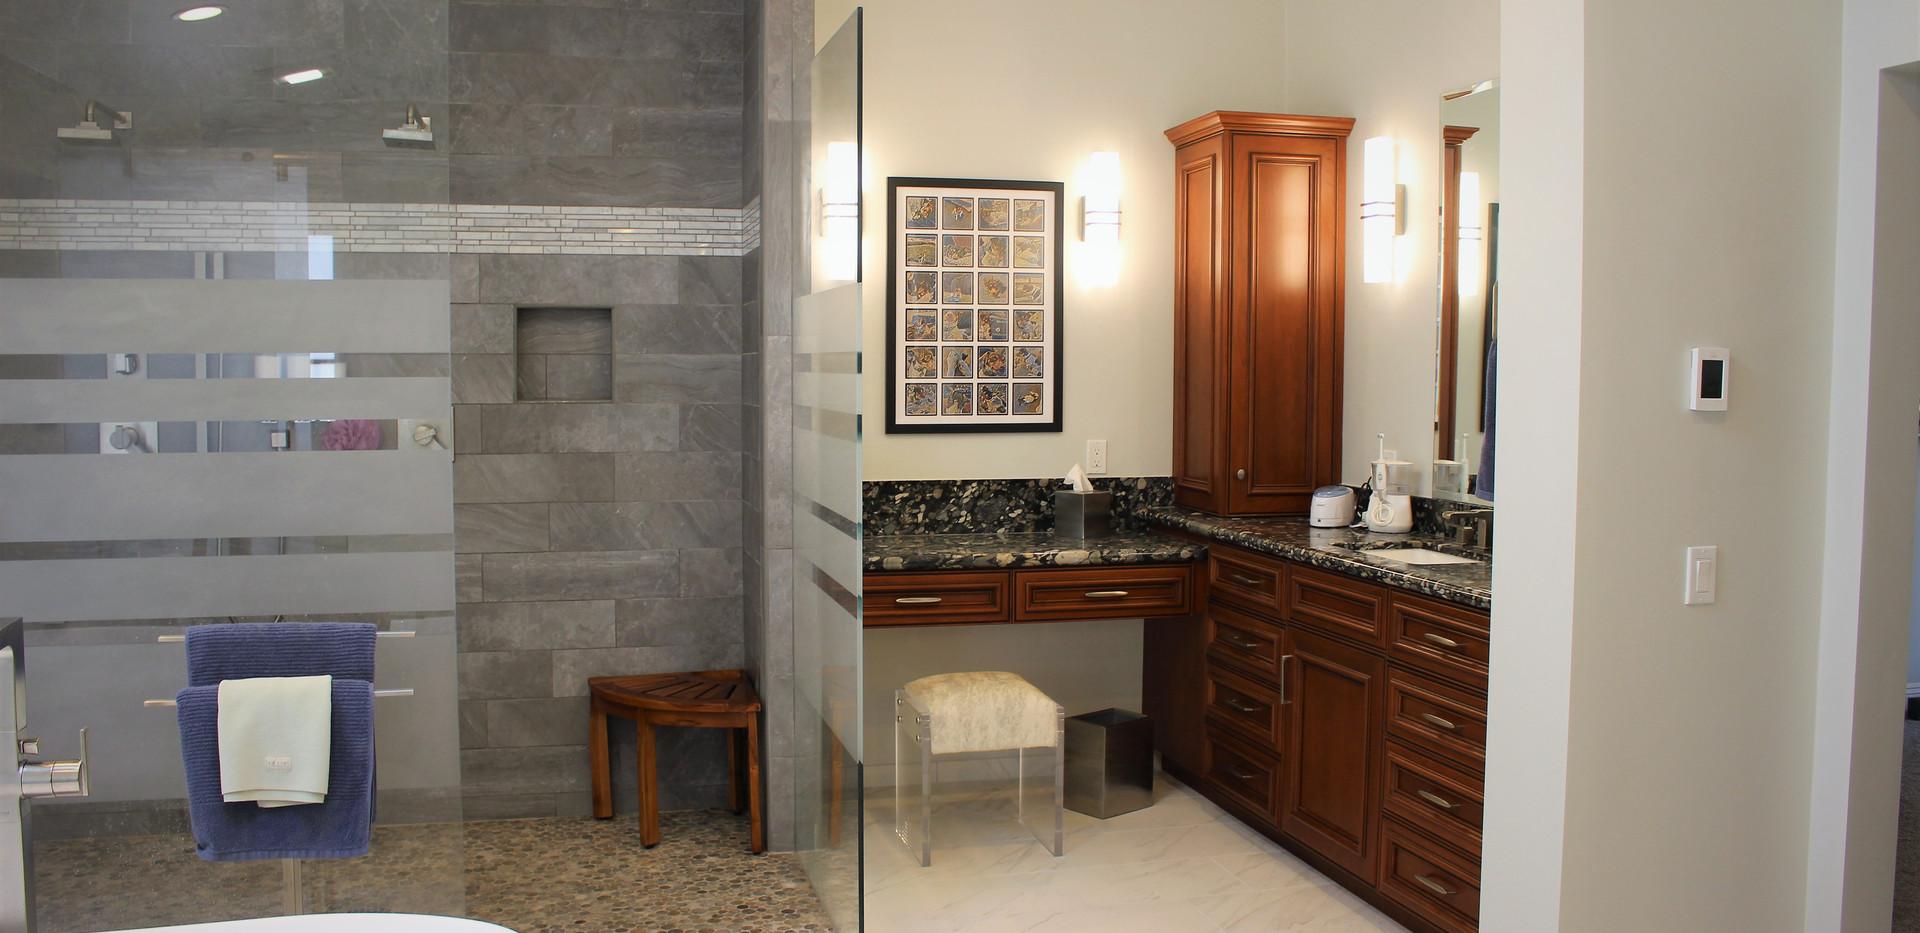 Master Bathroom Shower and Vanity.jpg